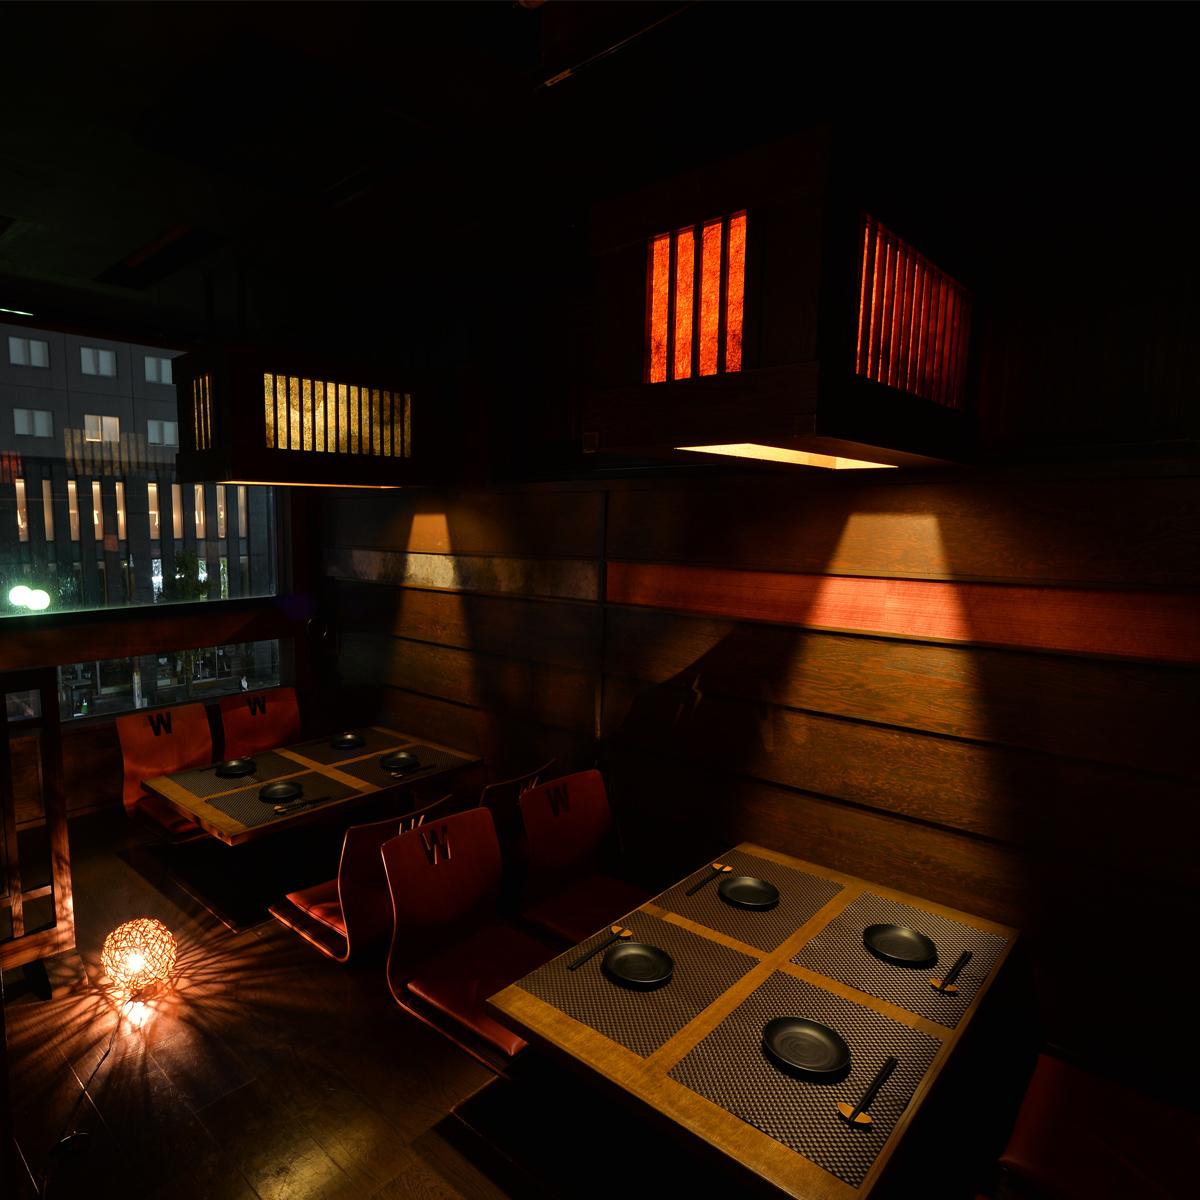 """一個充滿日本情感的私人房間。♪還可以用於娛樂和家庭聚餐♪在一個重要的周年紀念日,你是否願意感謝""""謝謝""""和""""祝賀""""的主角?在我們的商店,我們將提供一個帶有消息的甜點盤♪【Tenmonkan·居酒屋·小屋·包房·當地美食】"""